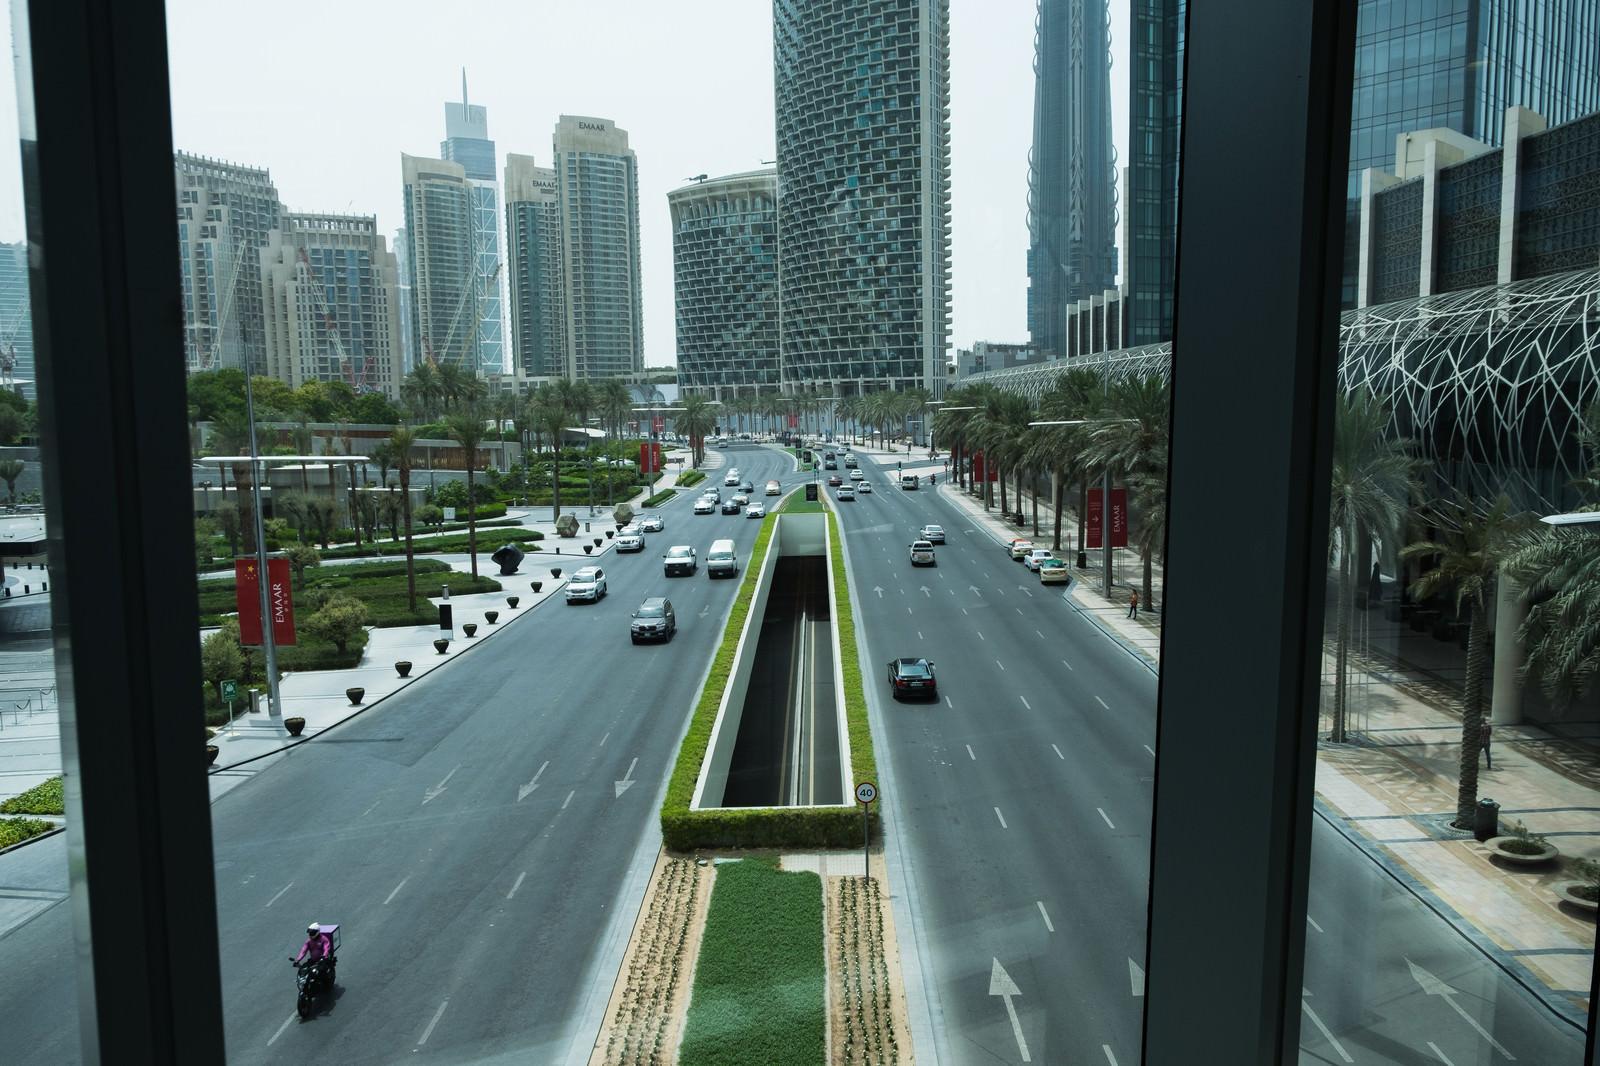 「高層ビル群へと続く道路を行き交う車(ドバイ)」の写真